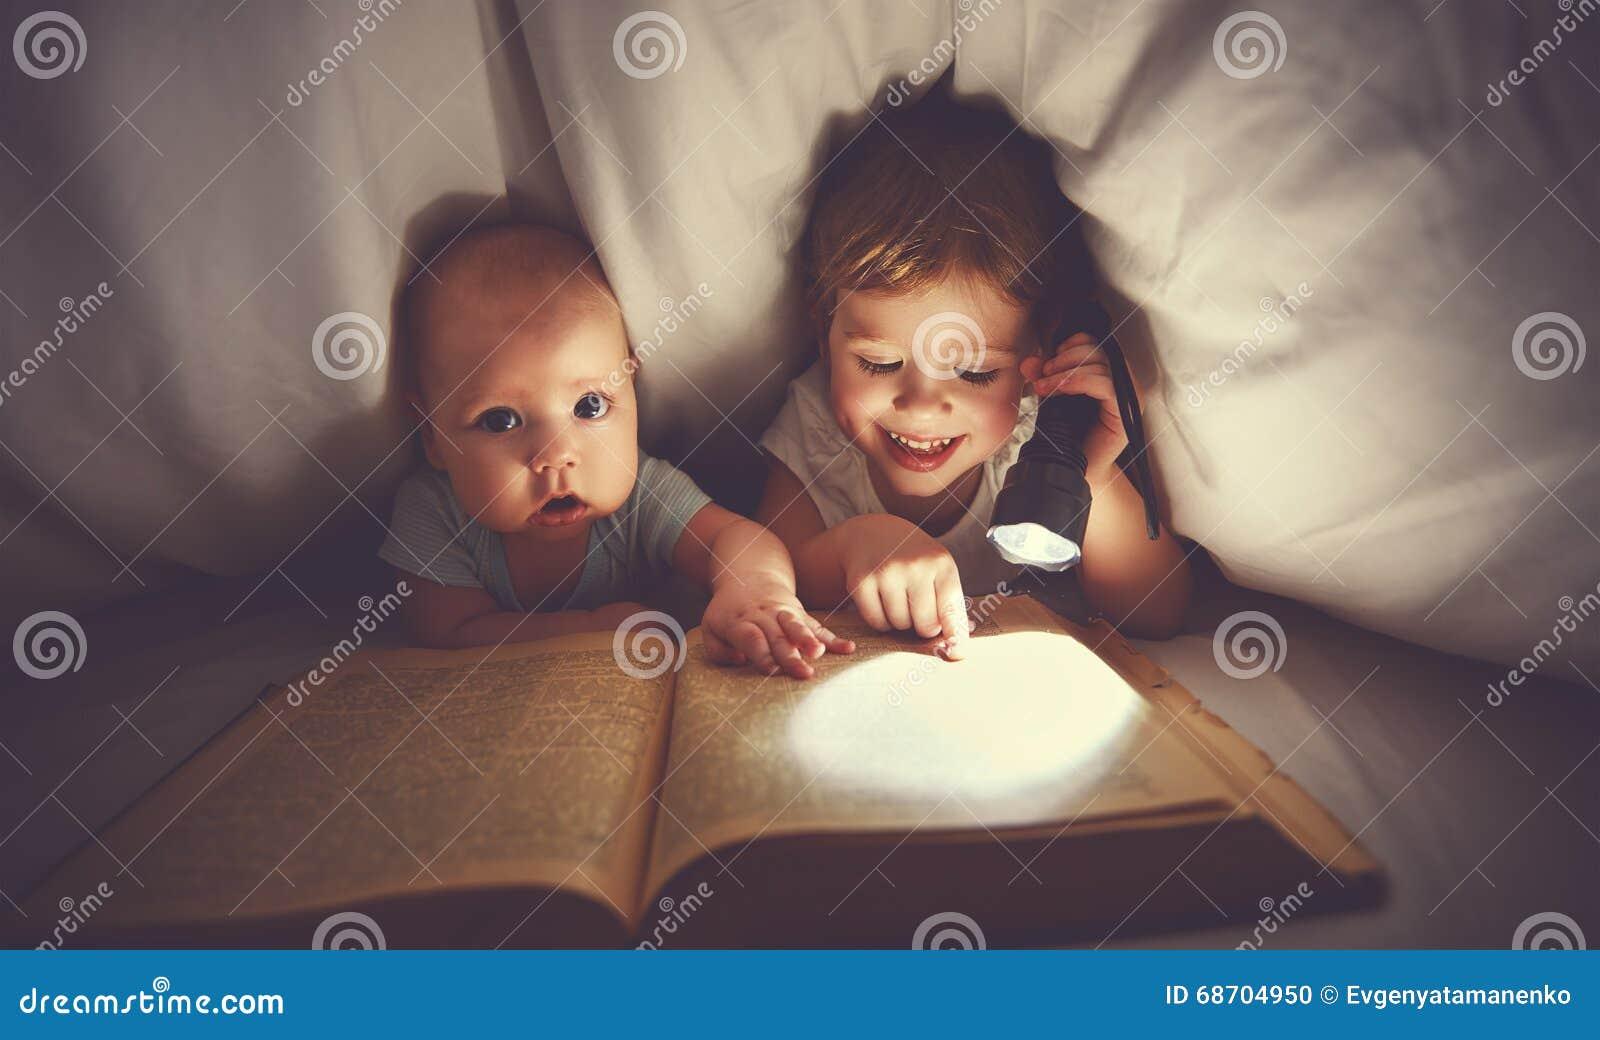 Сестра читала книгу а брат начал приставать, Сестра пристаёт к брату -видео. Смотреть Сестра 24 фотография